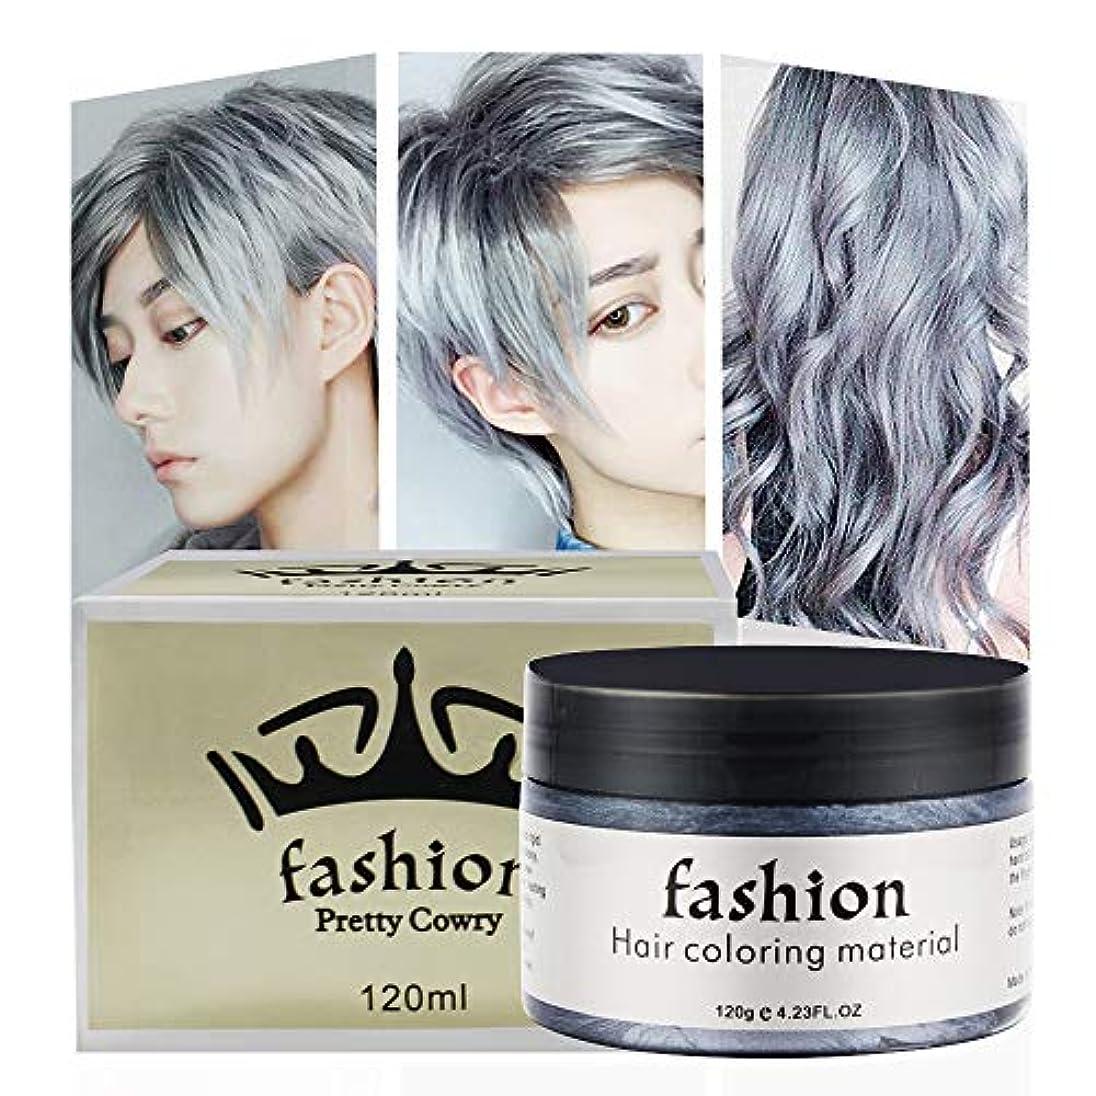 エコーほかにオールヘアワックス WAWJ おしゃれ染め 染毛剤 整髪料 ヘアカラー用品 メンズ 大容量 120g